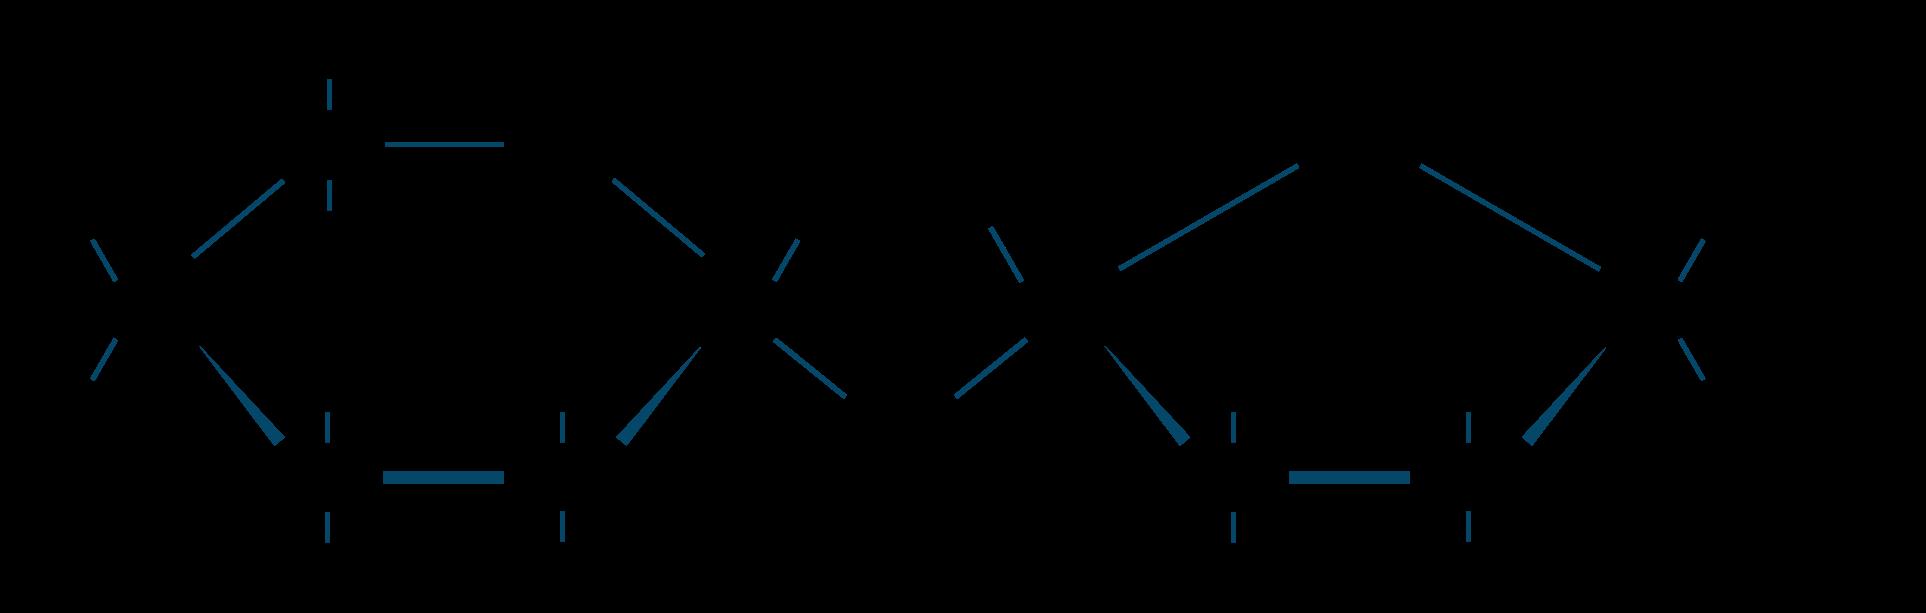 スクロース構造式